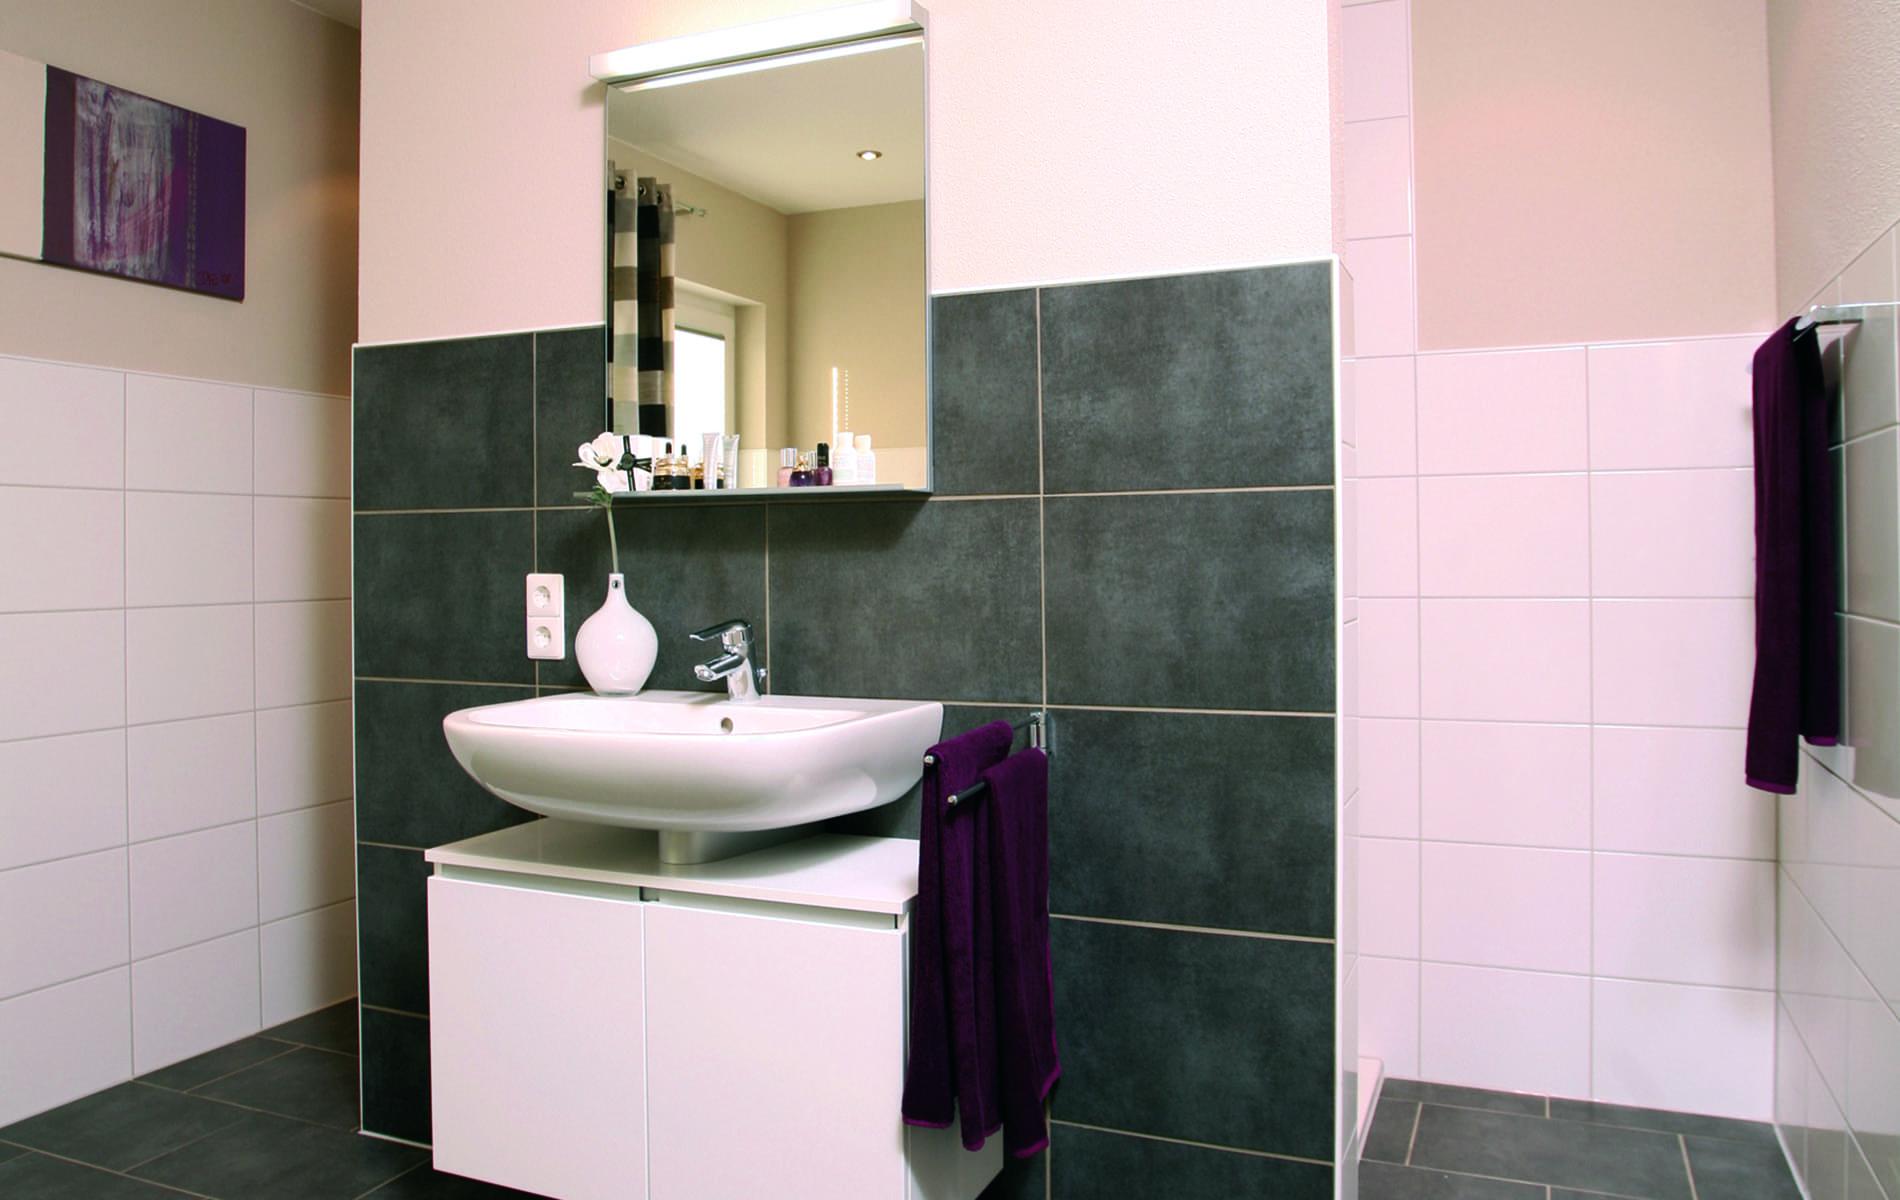 MEDLEY 3.0 - Nürnberg - stilvolles Badezimmer